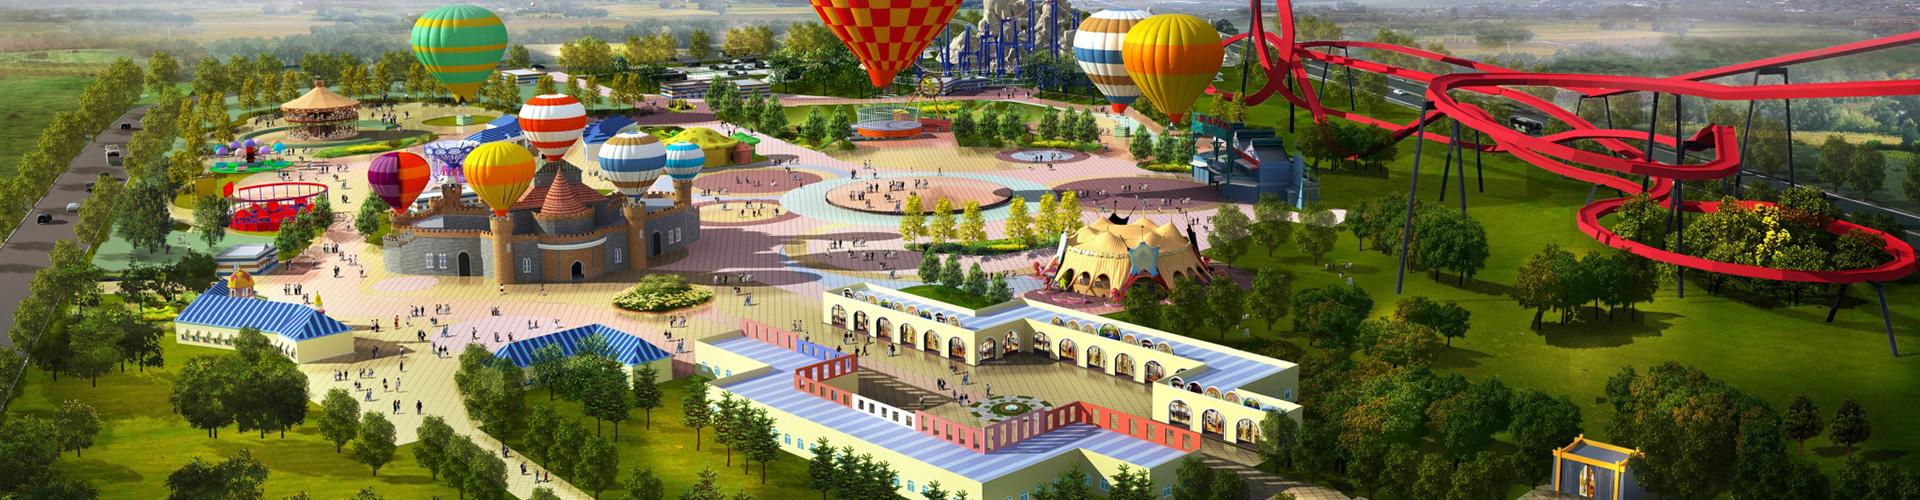 深圳市麟德旅游规划顾问有限公司,旅游规划,旅游规划设计,旅游策划,旅游规划战略顾问,城乡规划,旅游景观设计